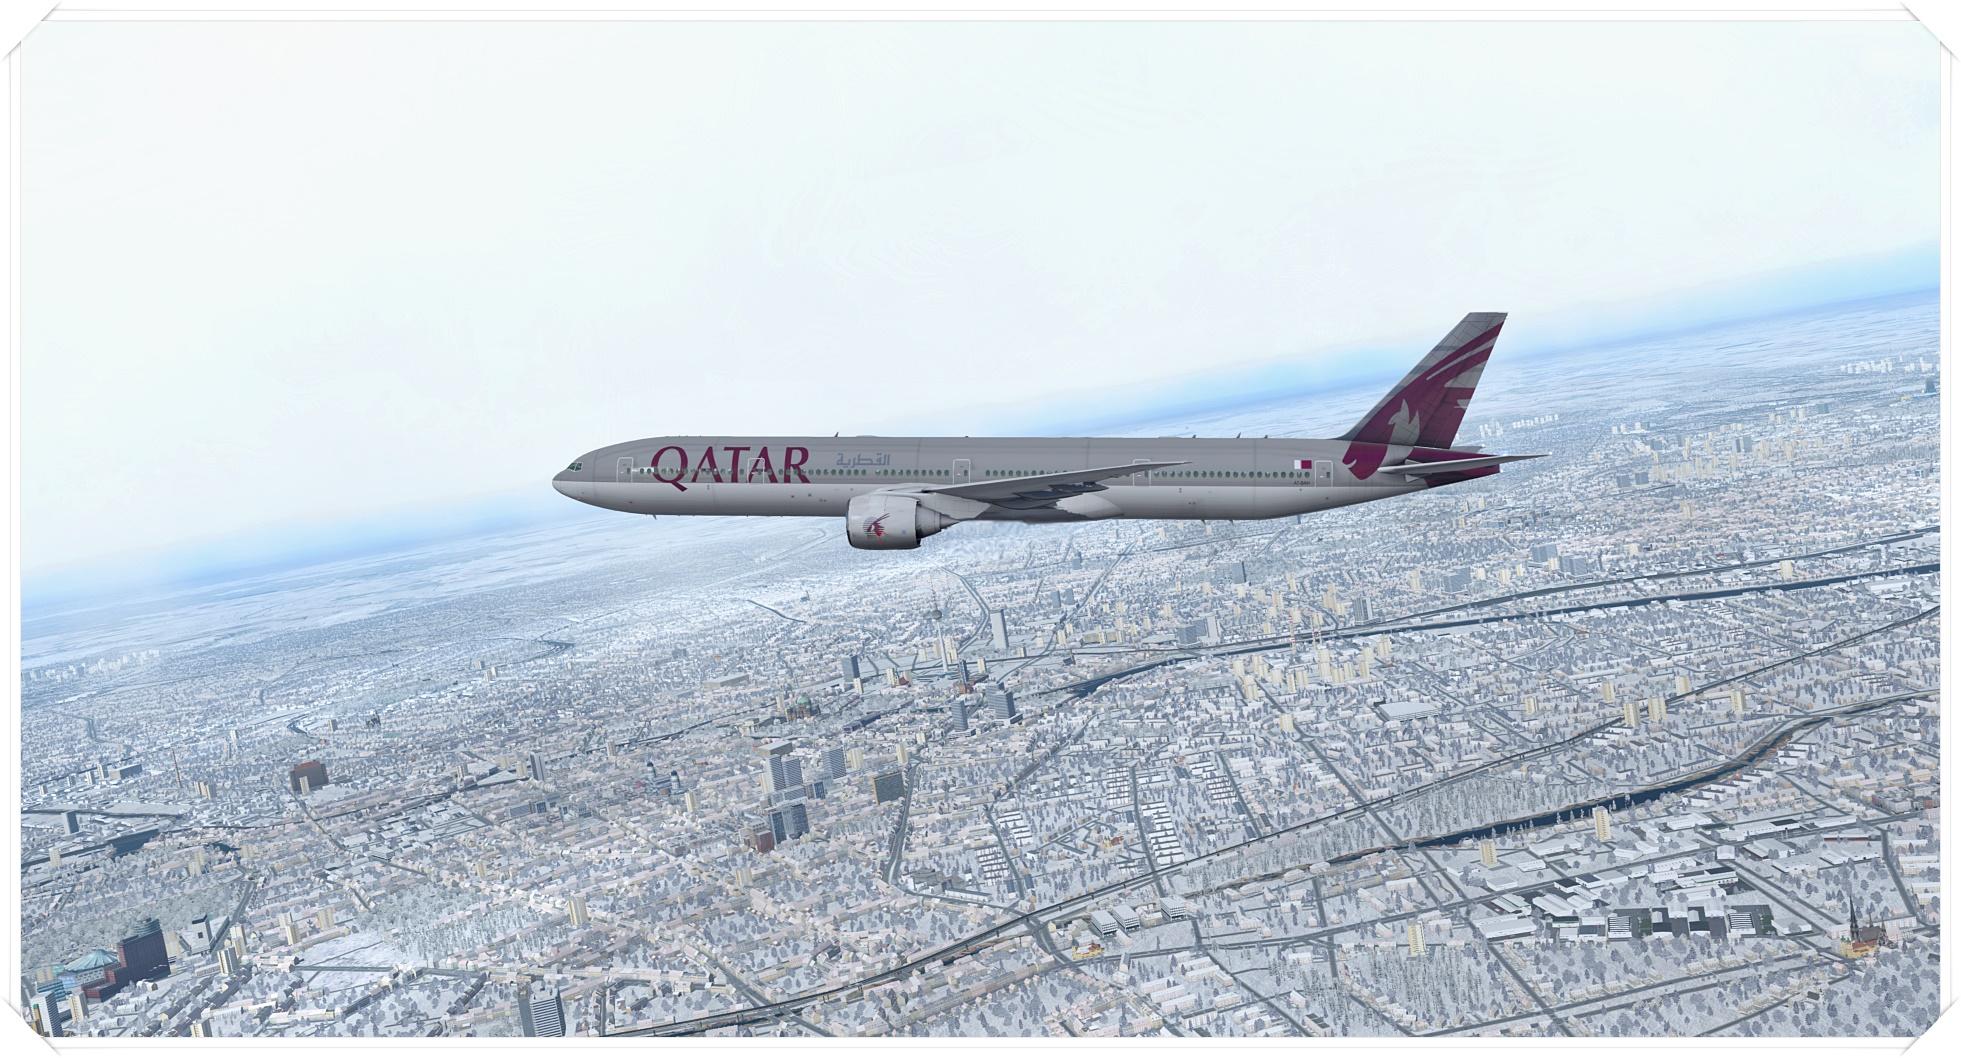 777-300er_xp11_1hps3p.jpg